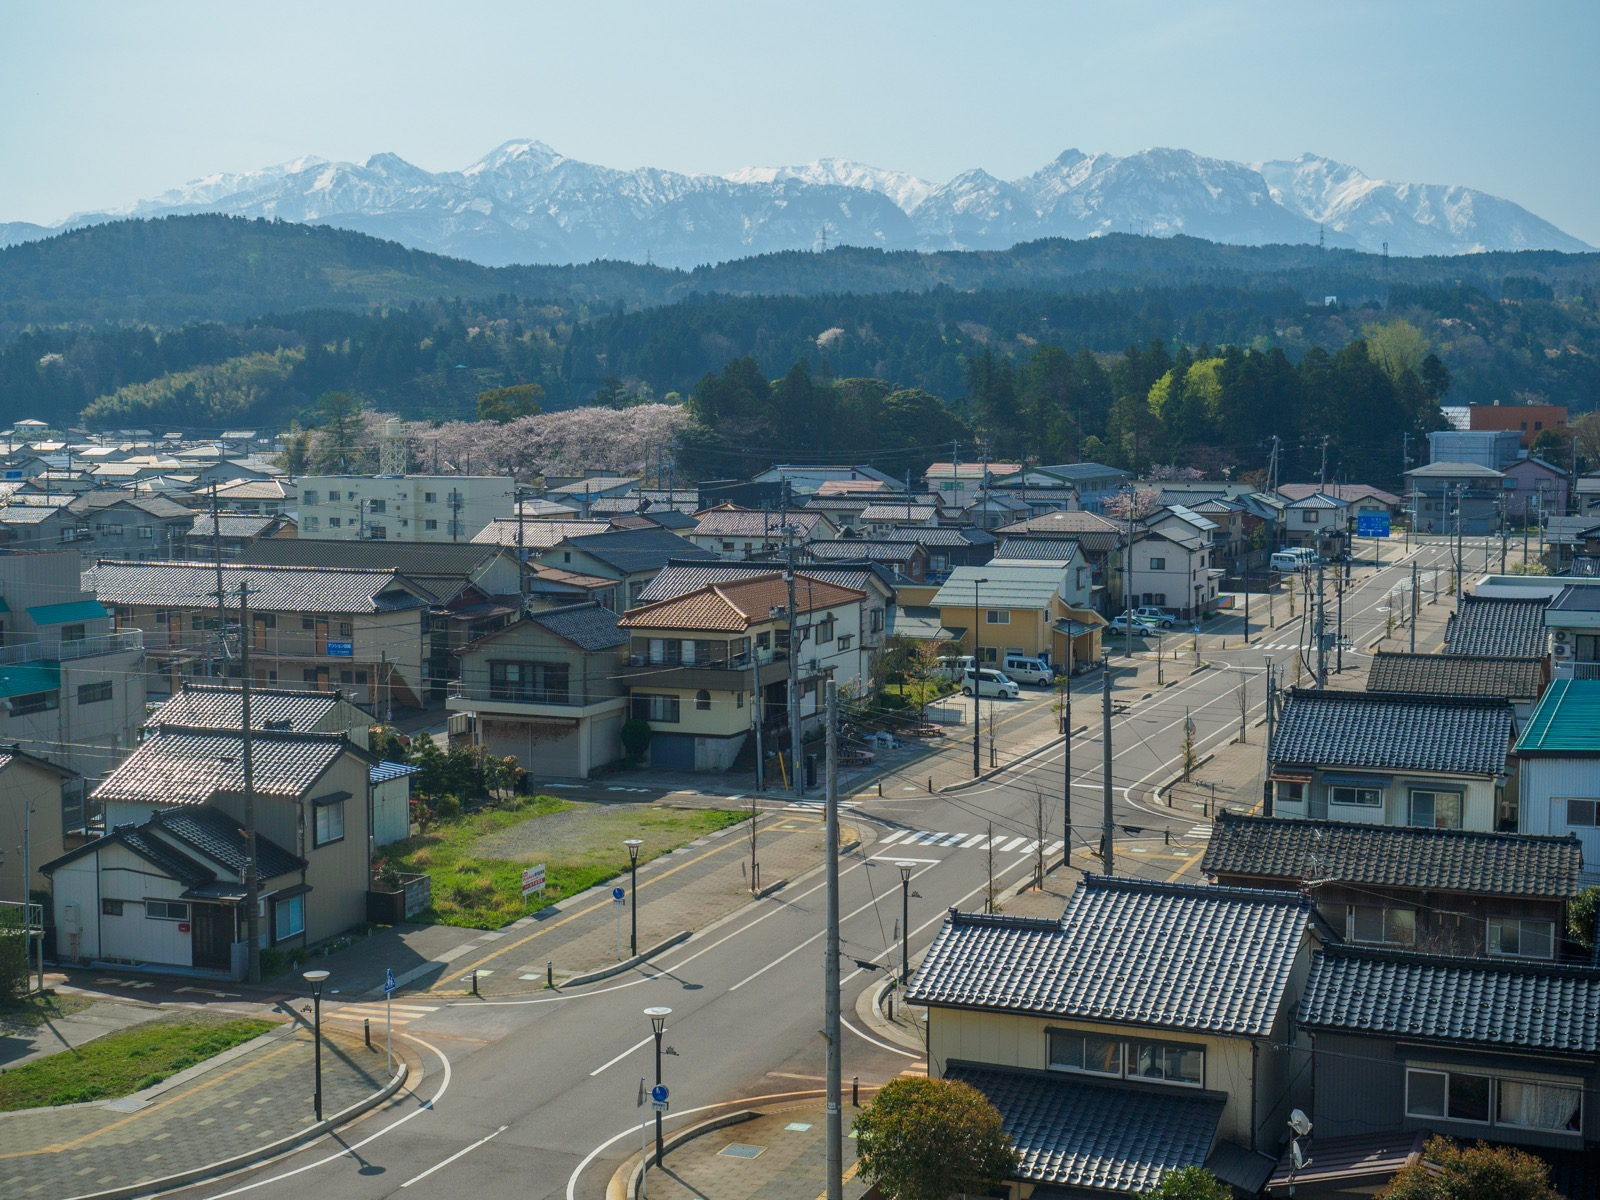 北陸新幹線糸魚川駅のホームから見たアルプス口(南口)の駅前とアルプスの山並み(2017年4月)